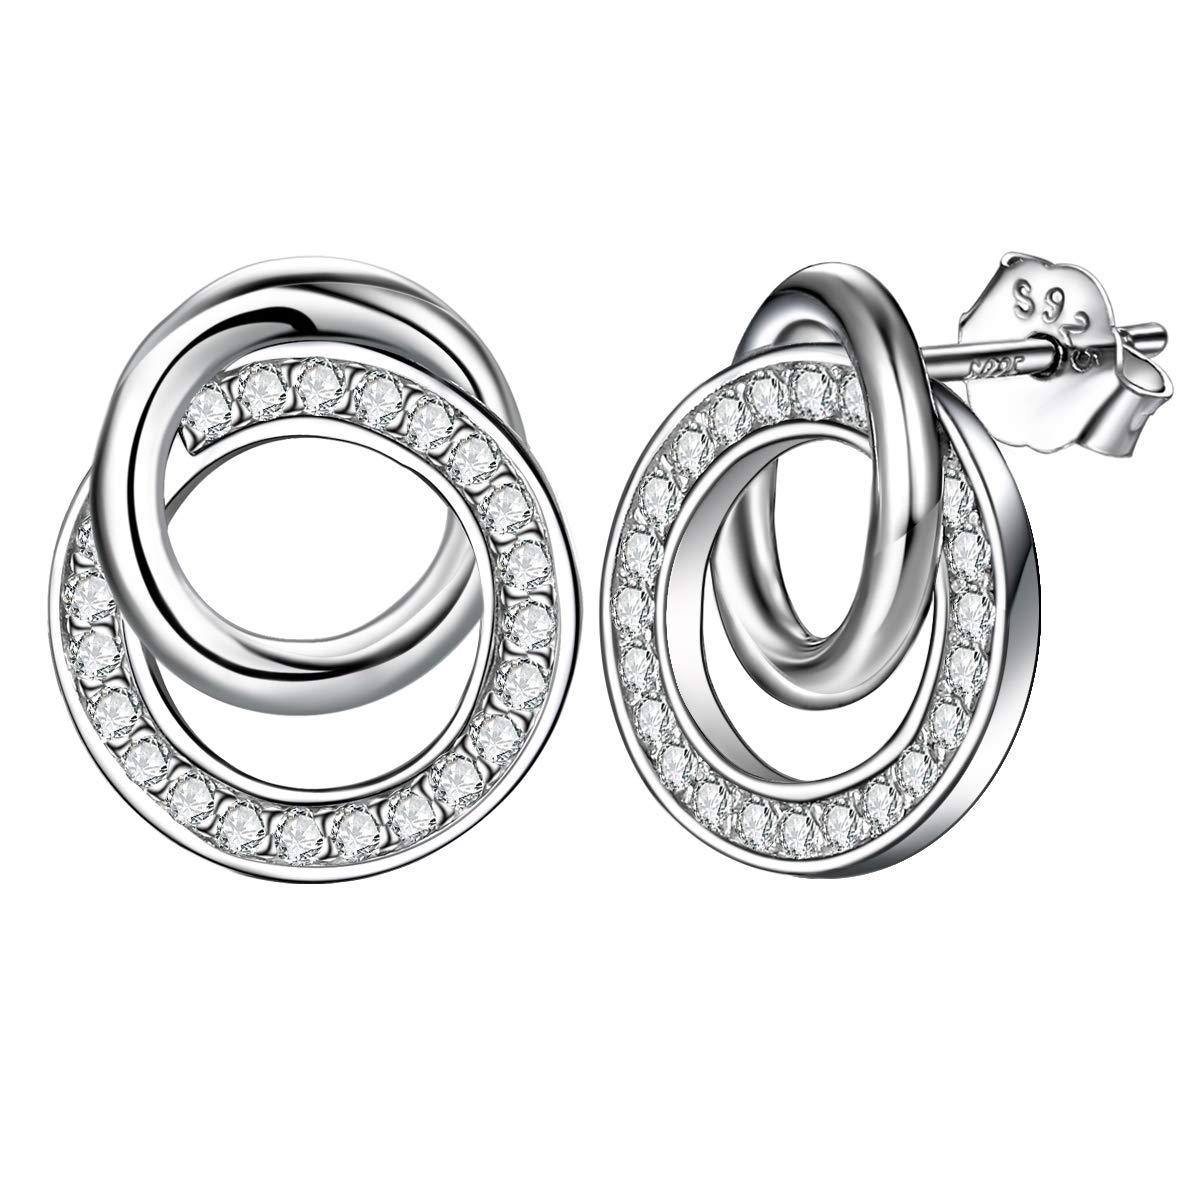 Boucles d'oreilles femmes en argent sweet romantique cercles imbriqué s idé al femelle anti allergique bijoux cadeau J.Endéar YDE100